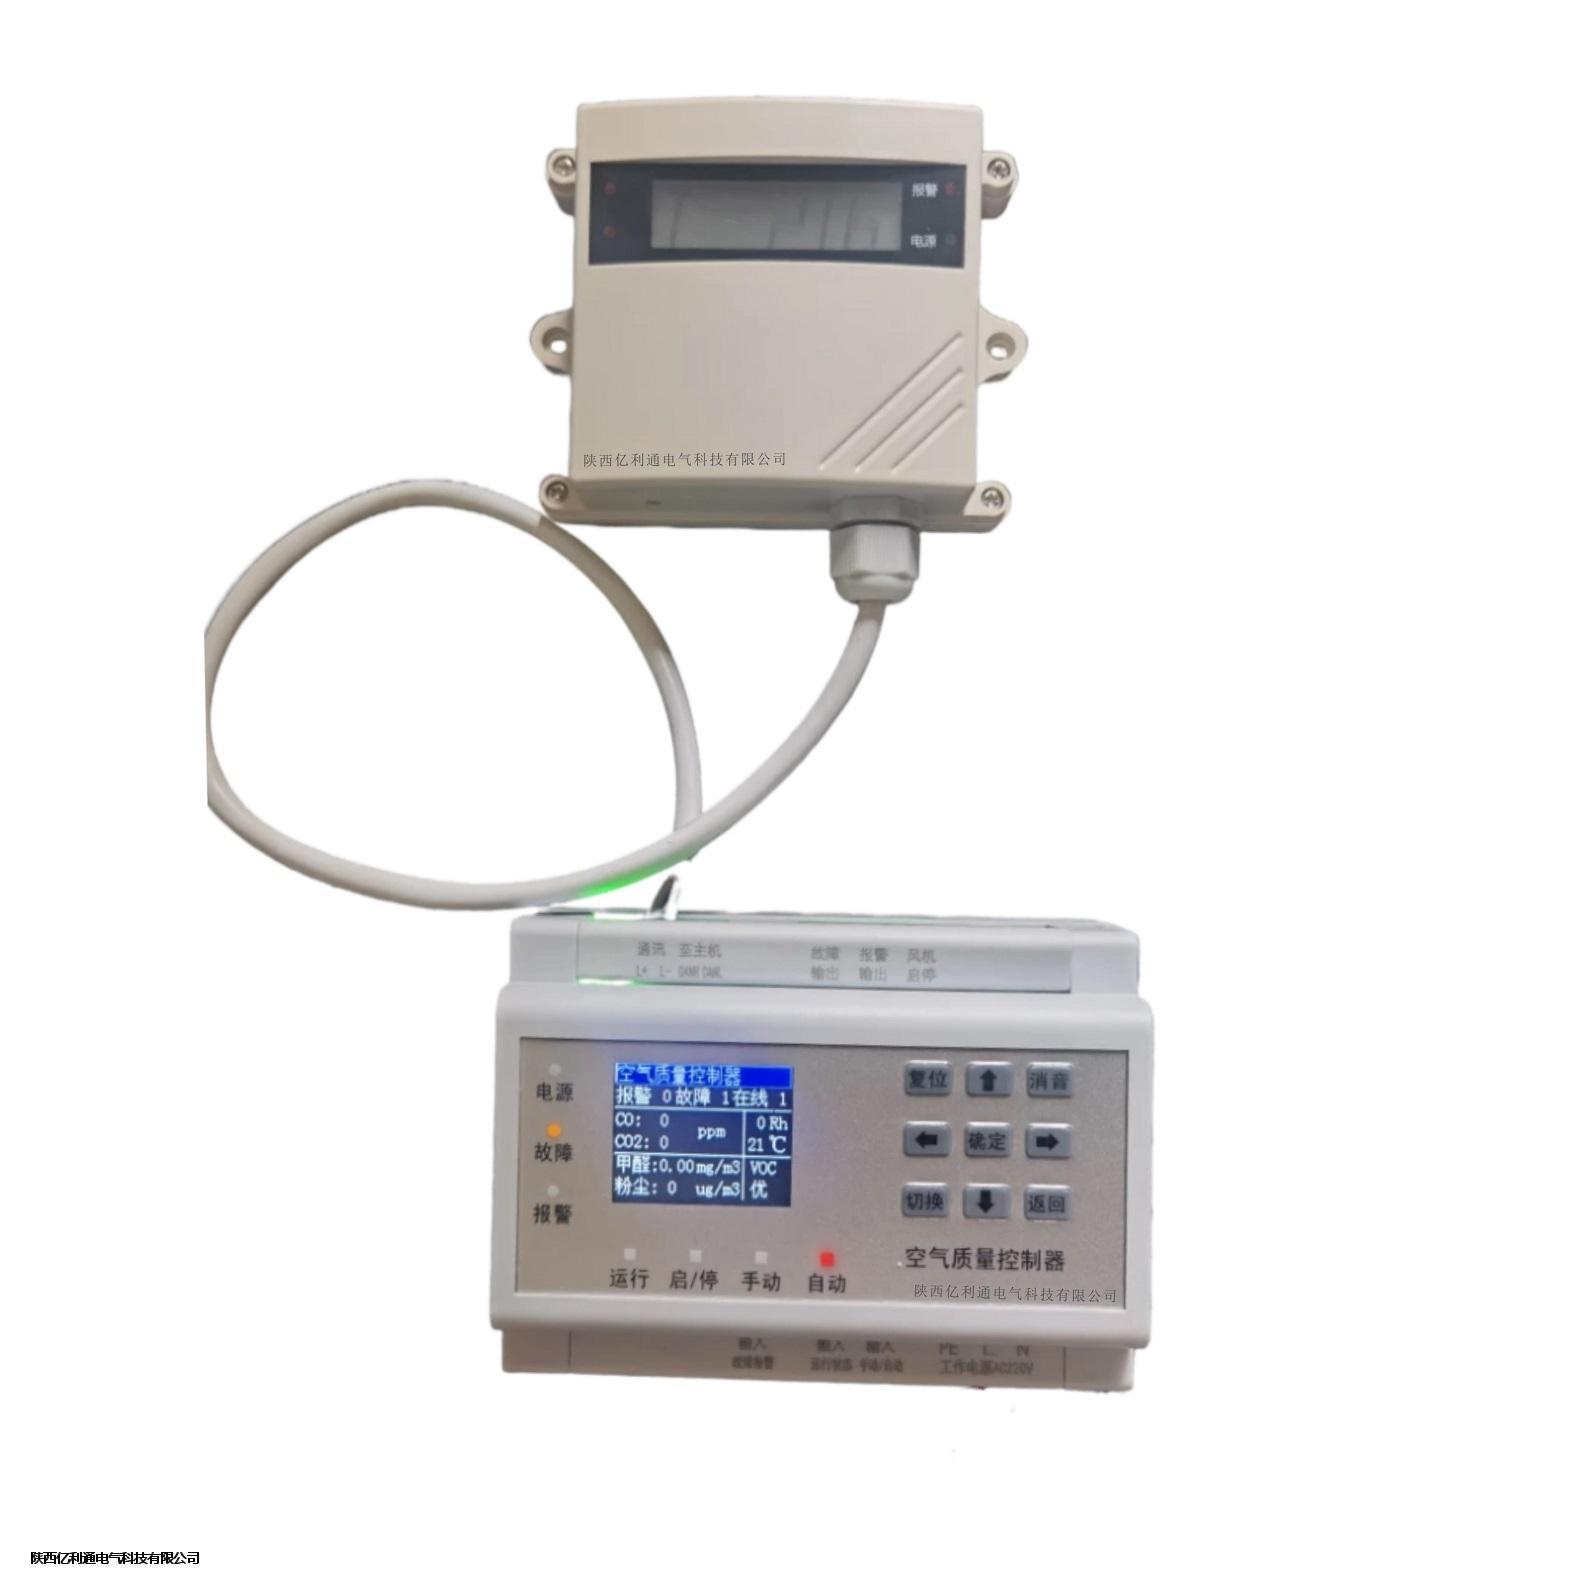 RX-PF/YLT空氣質量控制器陜西億利通電氣